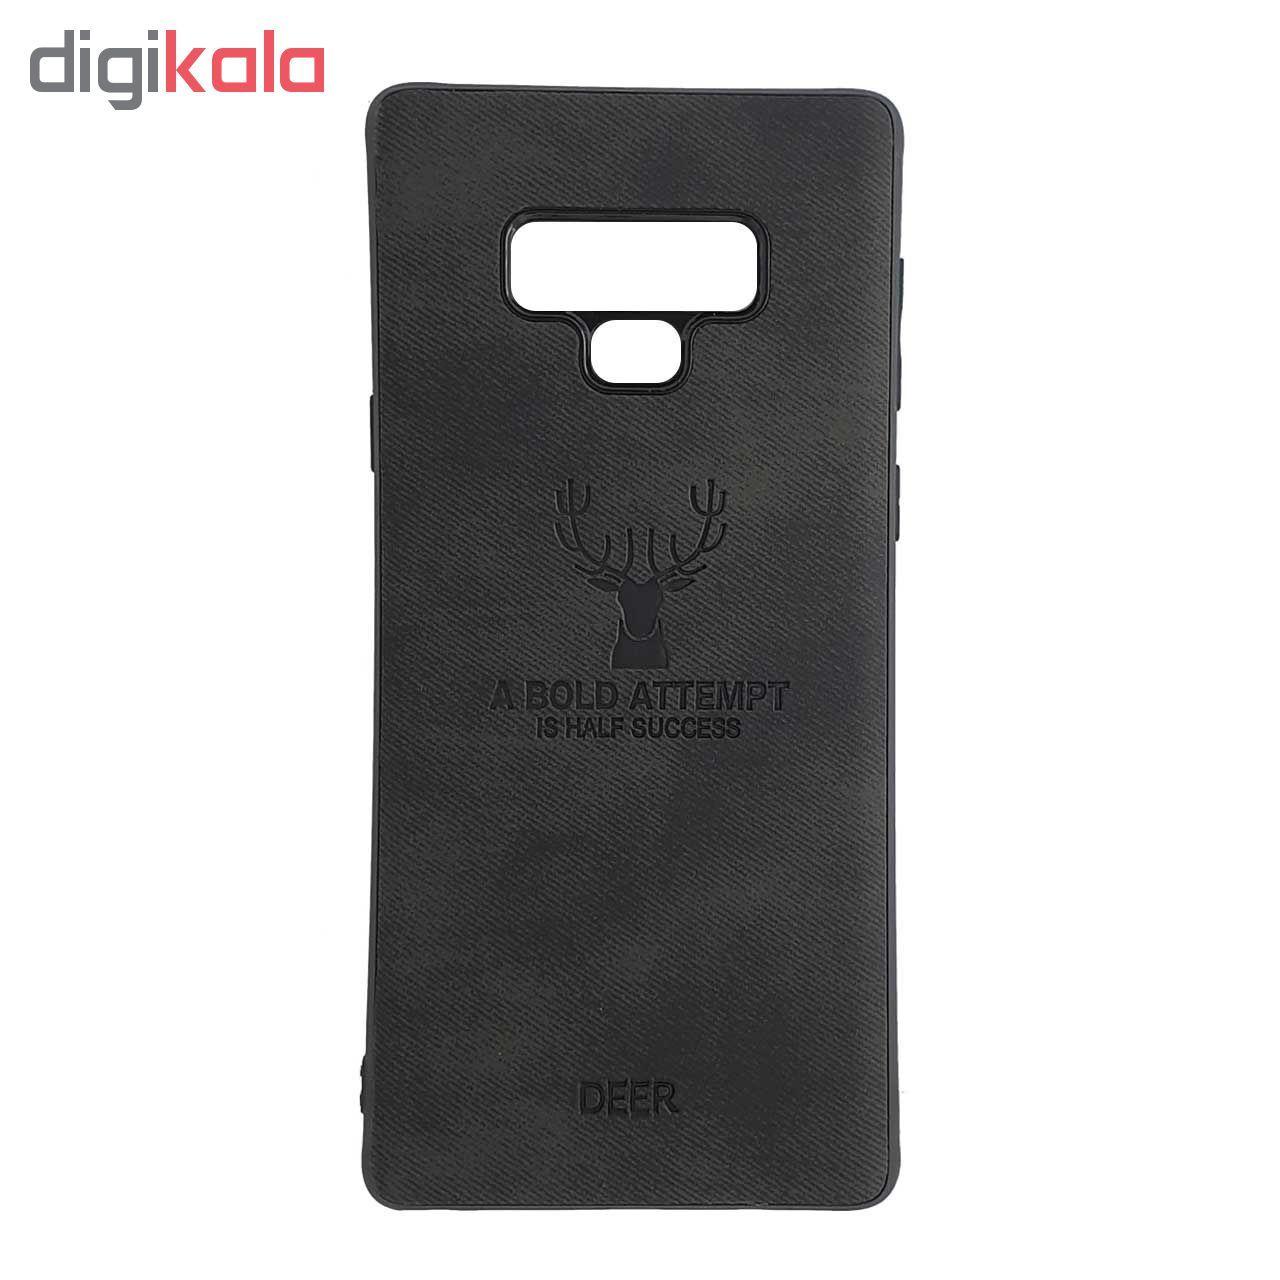 کاور ایبیزا مدل D-114 مناسب برای گوشی موبایل سامسونگ Galaxy Note 9 main 1 3